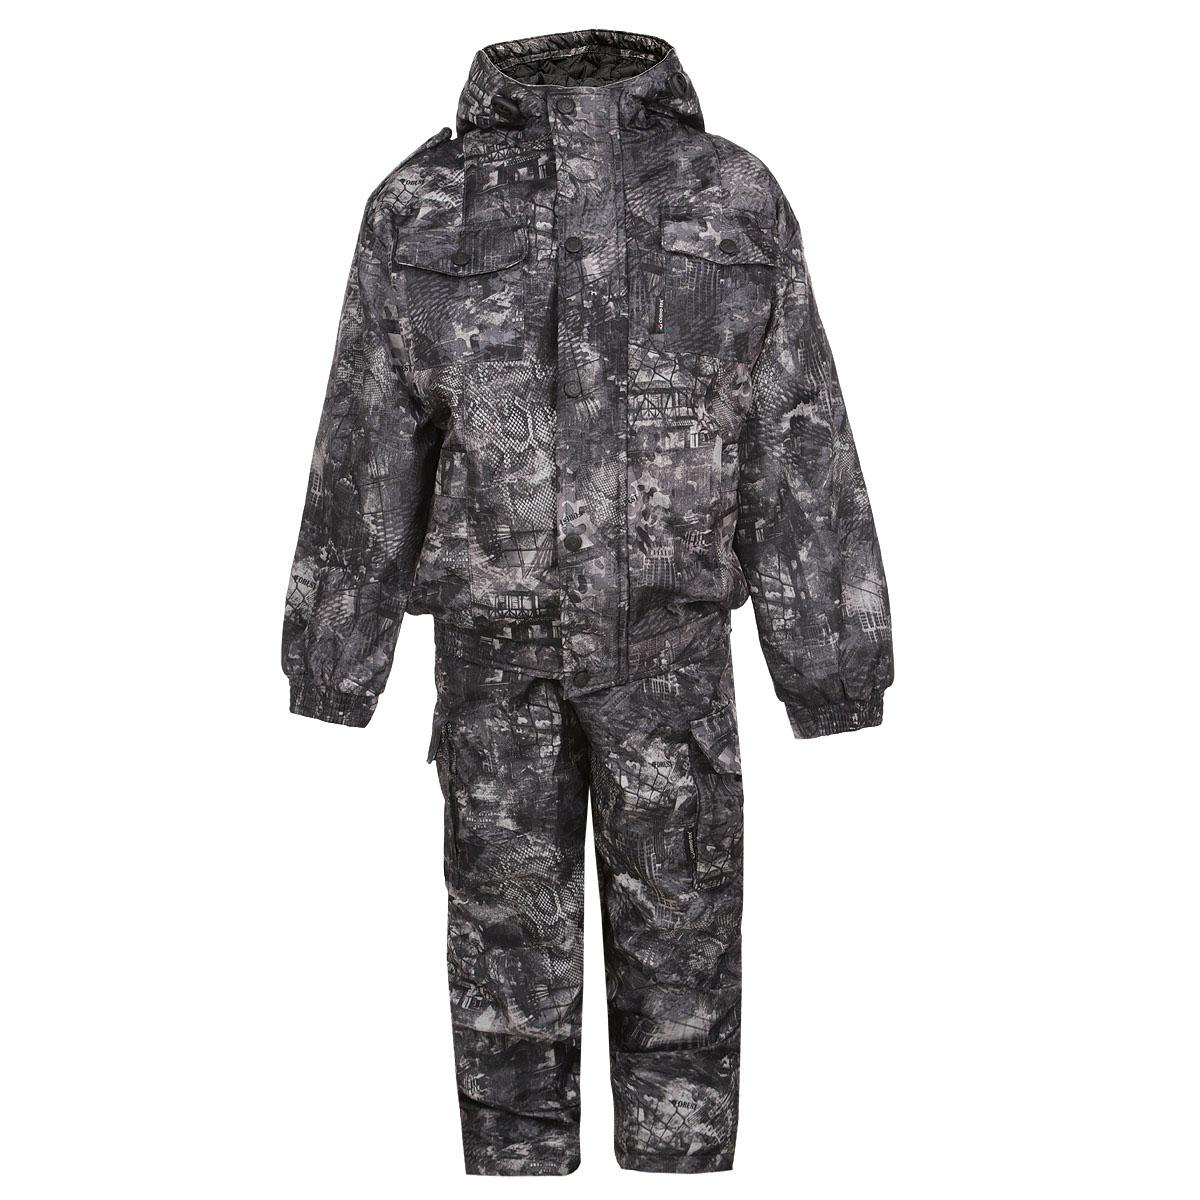 Комплект верхней одежды4889Теплый комплект для мальчика Cosmo-Tex Аватарчик, состоящий из куртки и брюк, идеальный выбор как для активных и динамичных игр на открытом воздухе, так и для походов в лес. Комплект изготовлен из высококачественного материала на подкладке из 100% полиэстера с наполнителем из синтепона. Куртка с капюшоном дополнена центральной бортовой застежкой-молнией, сверху защищенной планкой на кнопках. Капюшон не отстегивается и дополнен по краю скрытой эластичной резинкой со стопперами. Рукава понизу дополнены широкими эластичными манжетами. Низ модели дополнен широкой эластичной резинкой, препятствующей проникновению холодного воздуха. Спереди предусмотрены четыре накладных кармана с клапанами. Брюки на талии имеют широкую эластичную резинку со скрытым шнурком, благодаря чему они не сжимают животик ребенка и не слетают. Спереди брюки дополнены двумя втачными карманами. По бокам предусмотрены два накладных карманам с клапанами на кнопках. Низ брючин имеет скрытые резинки на...